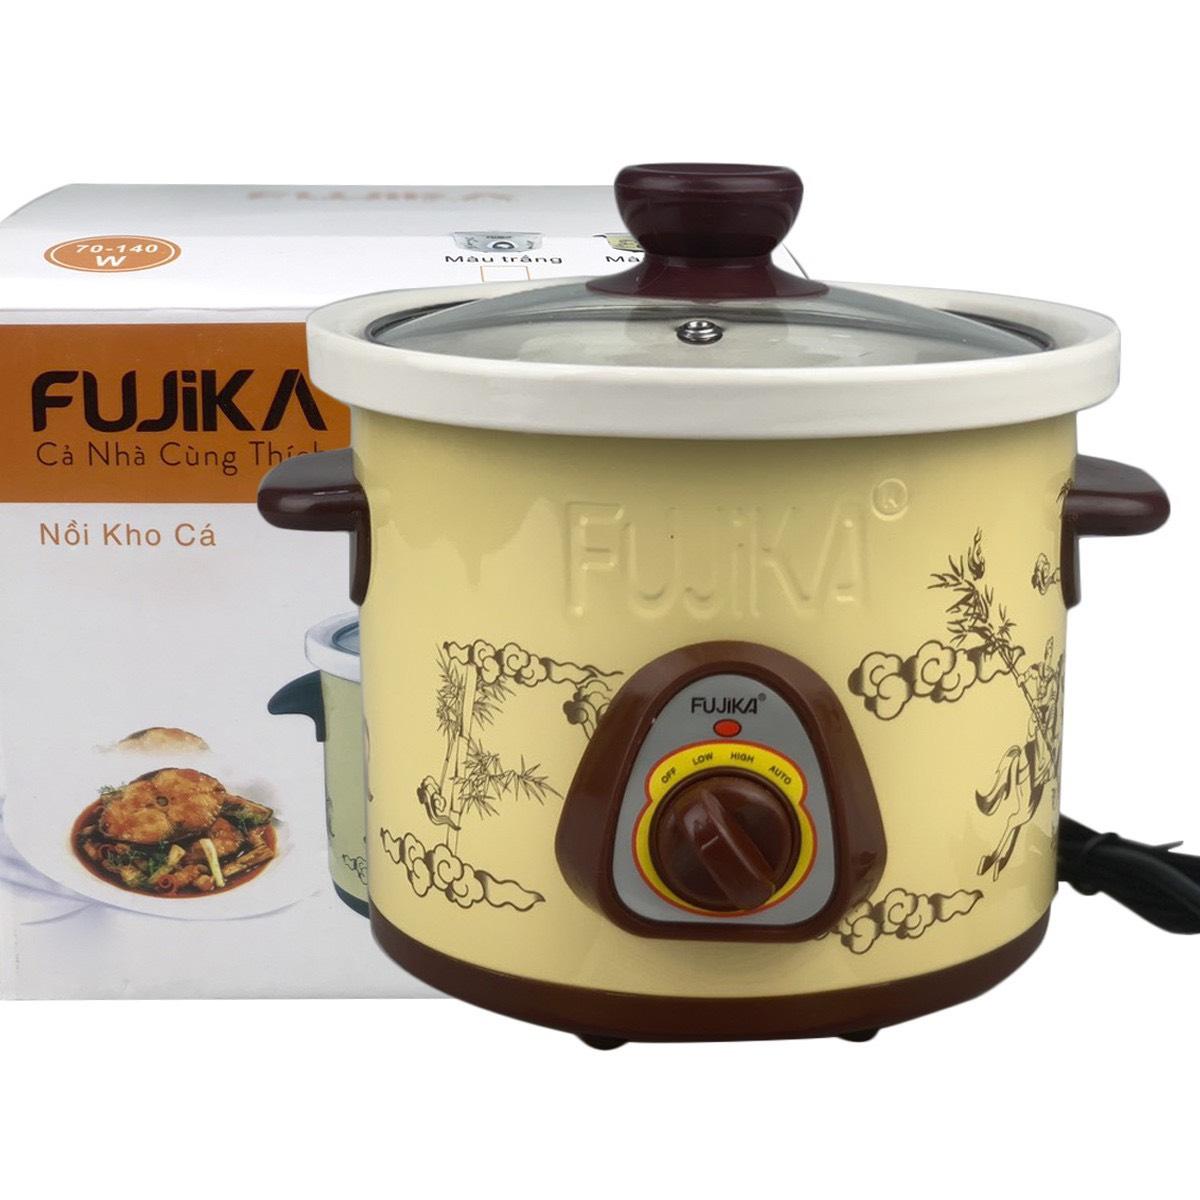 Nồi nấu chậm, nồi kho cá nấu cháo Fujika 2.5L